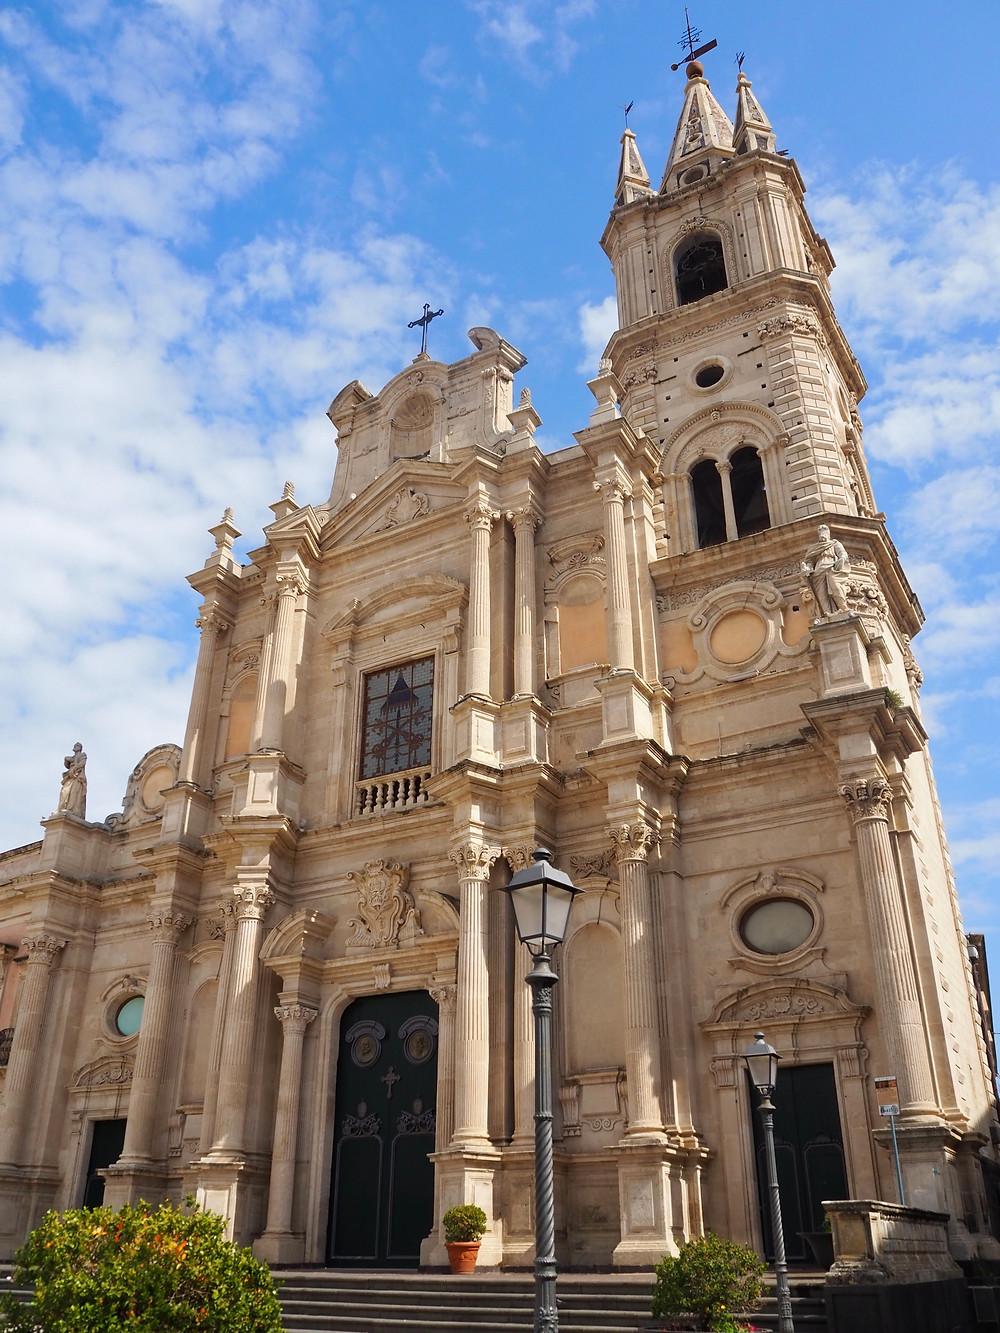 acireale-piazza-duomo-basilica-peter-paul